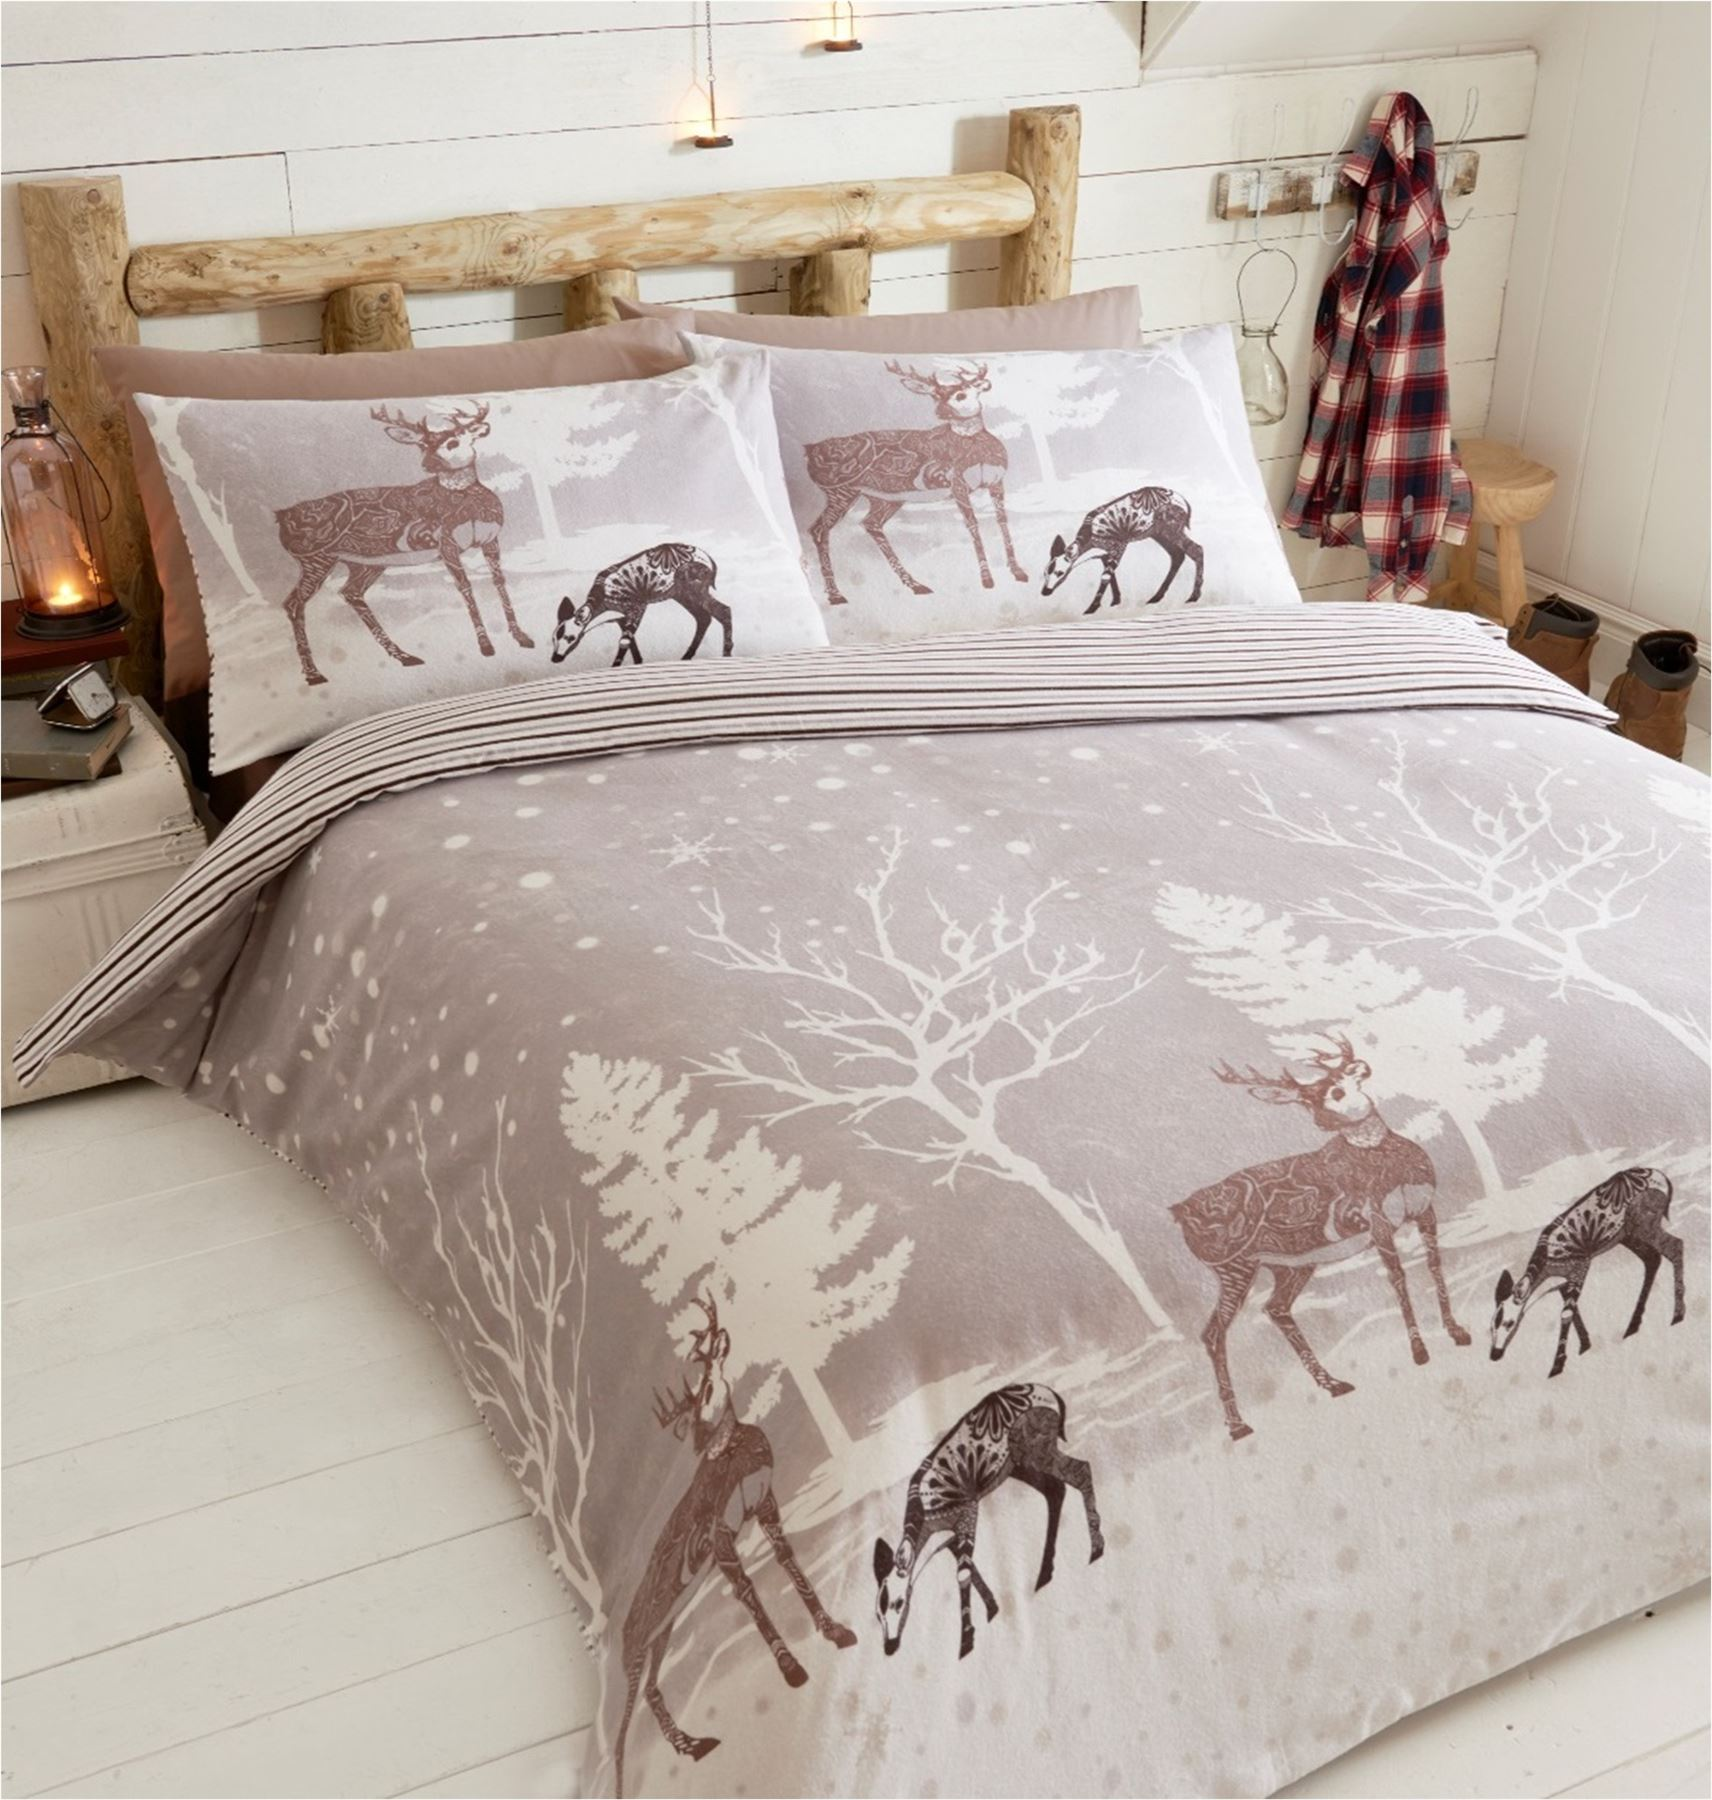 100 cotton flannelette quilt duvet cover bedding bed sets. Black Bedroom Furniture Sets. Home Design Ideas